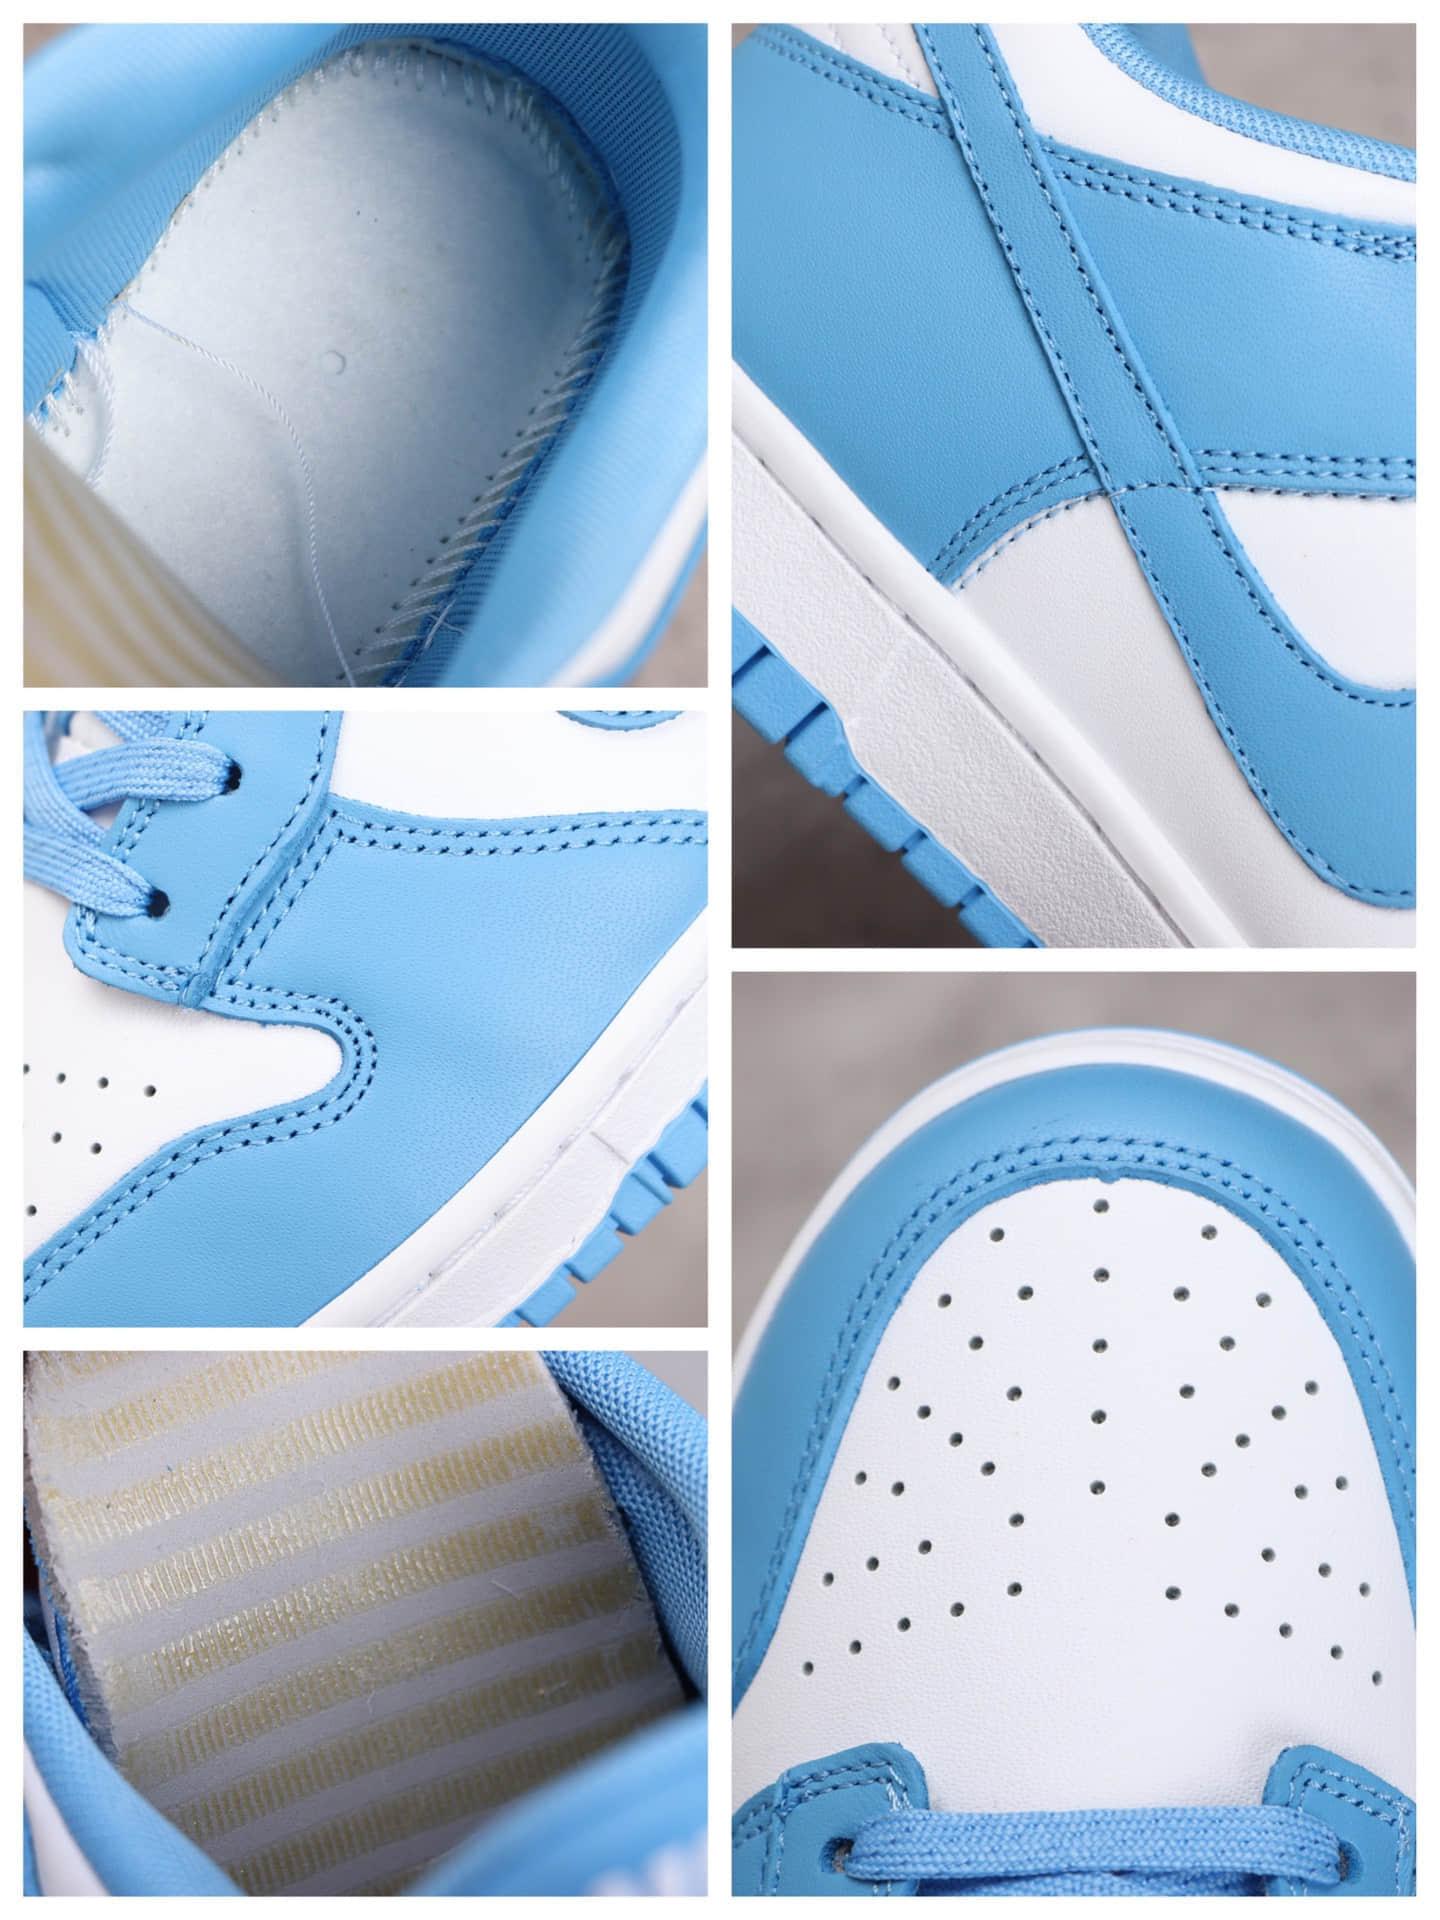 耐克SB Dunk北卡蓝低帮 Nike SB Dunk Low 耐克Dunk大学蓝 耐克Dunk白蓝低帮 货号:DD1391-102-潮流者之家